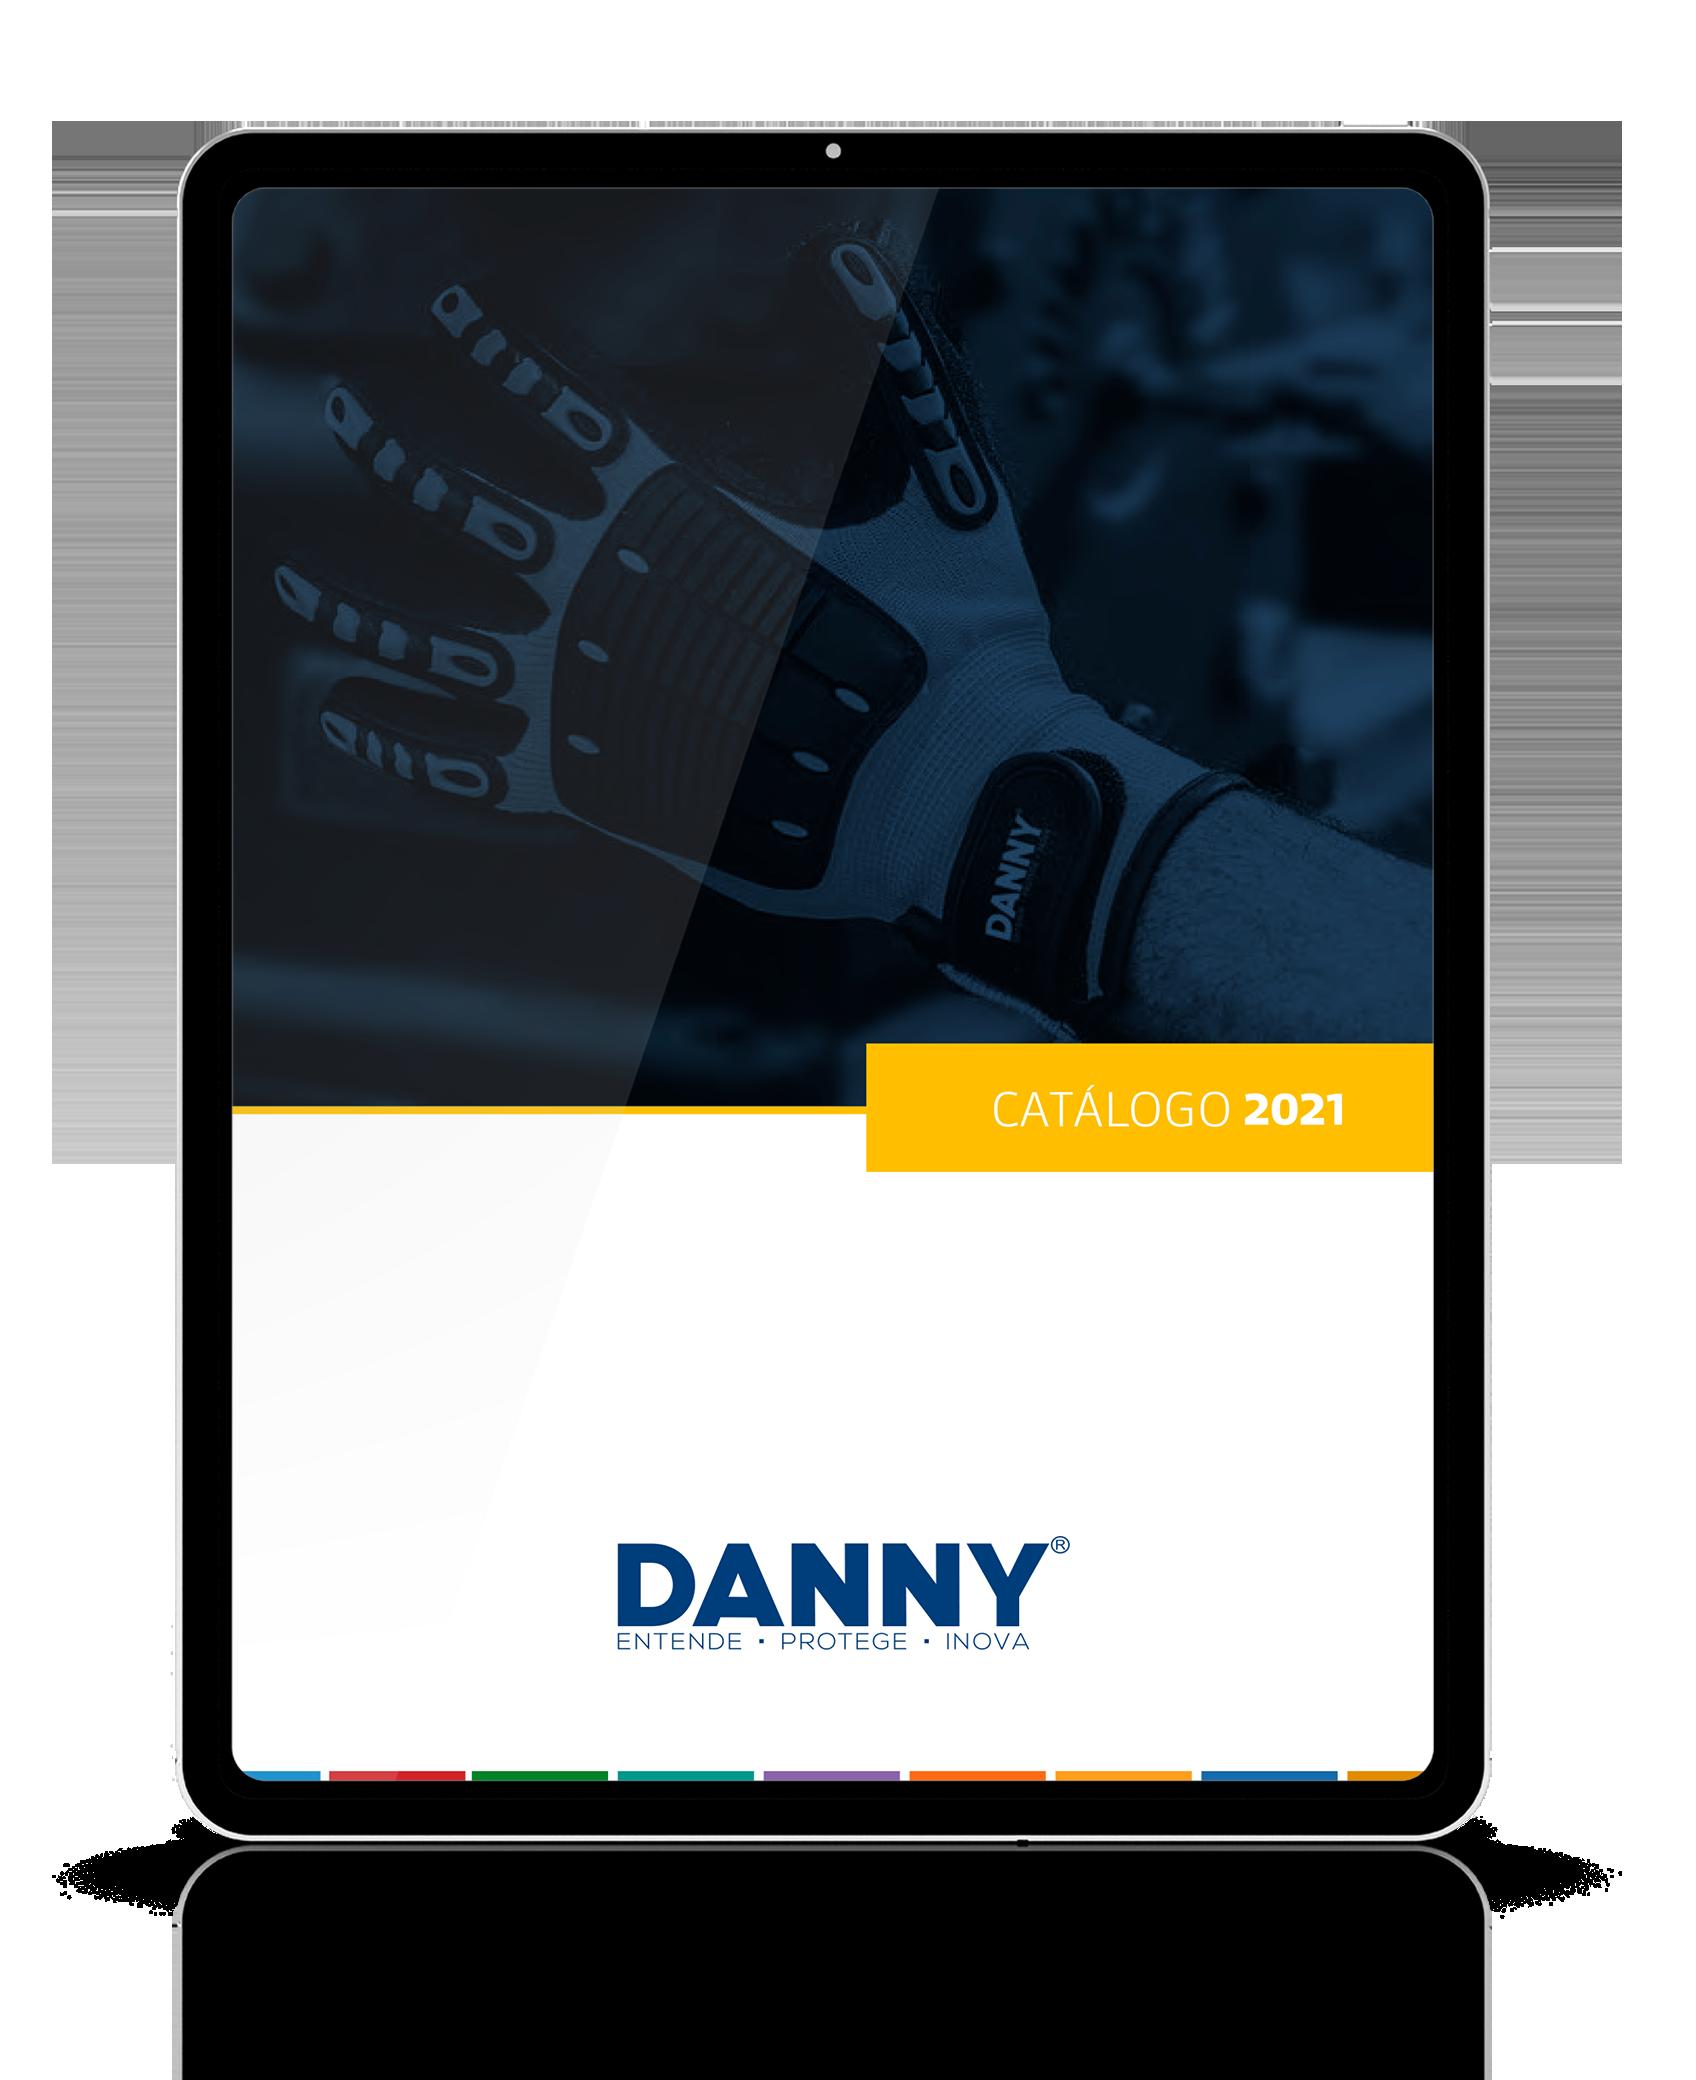 Mockup de tablet com o catálogo na tela